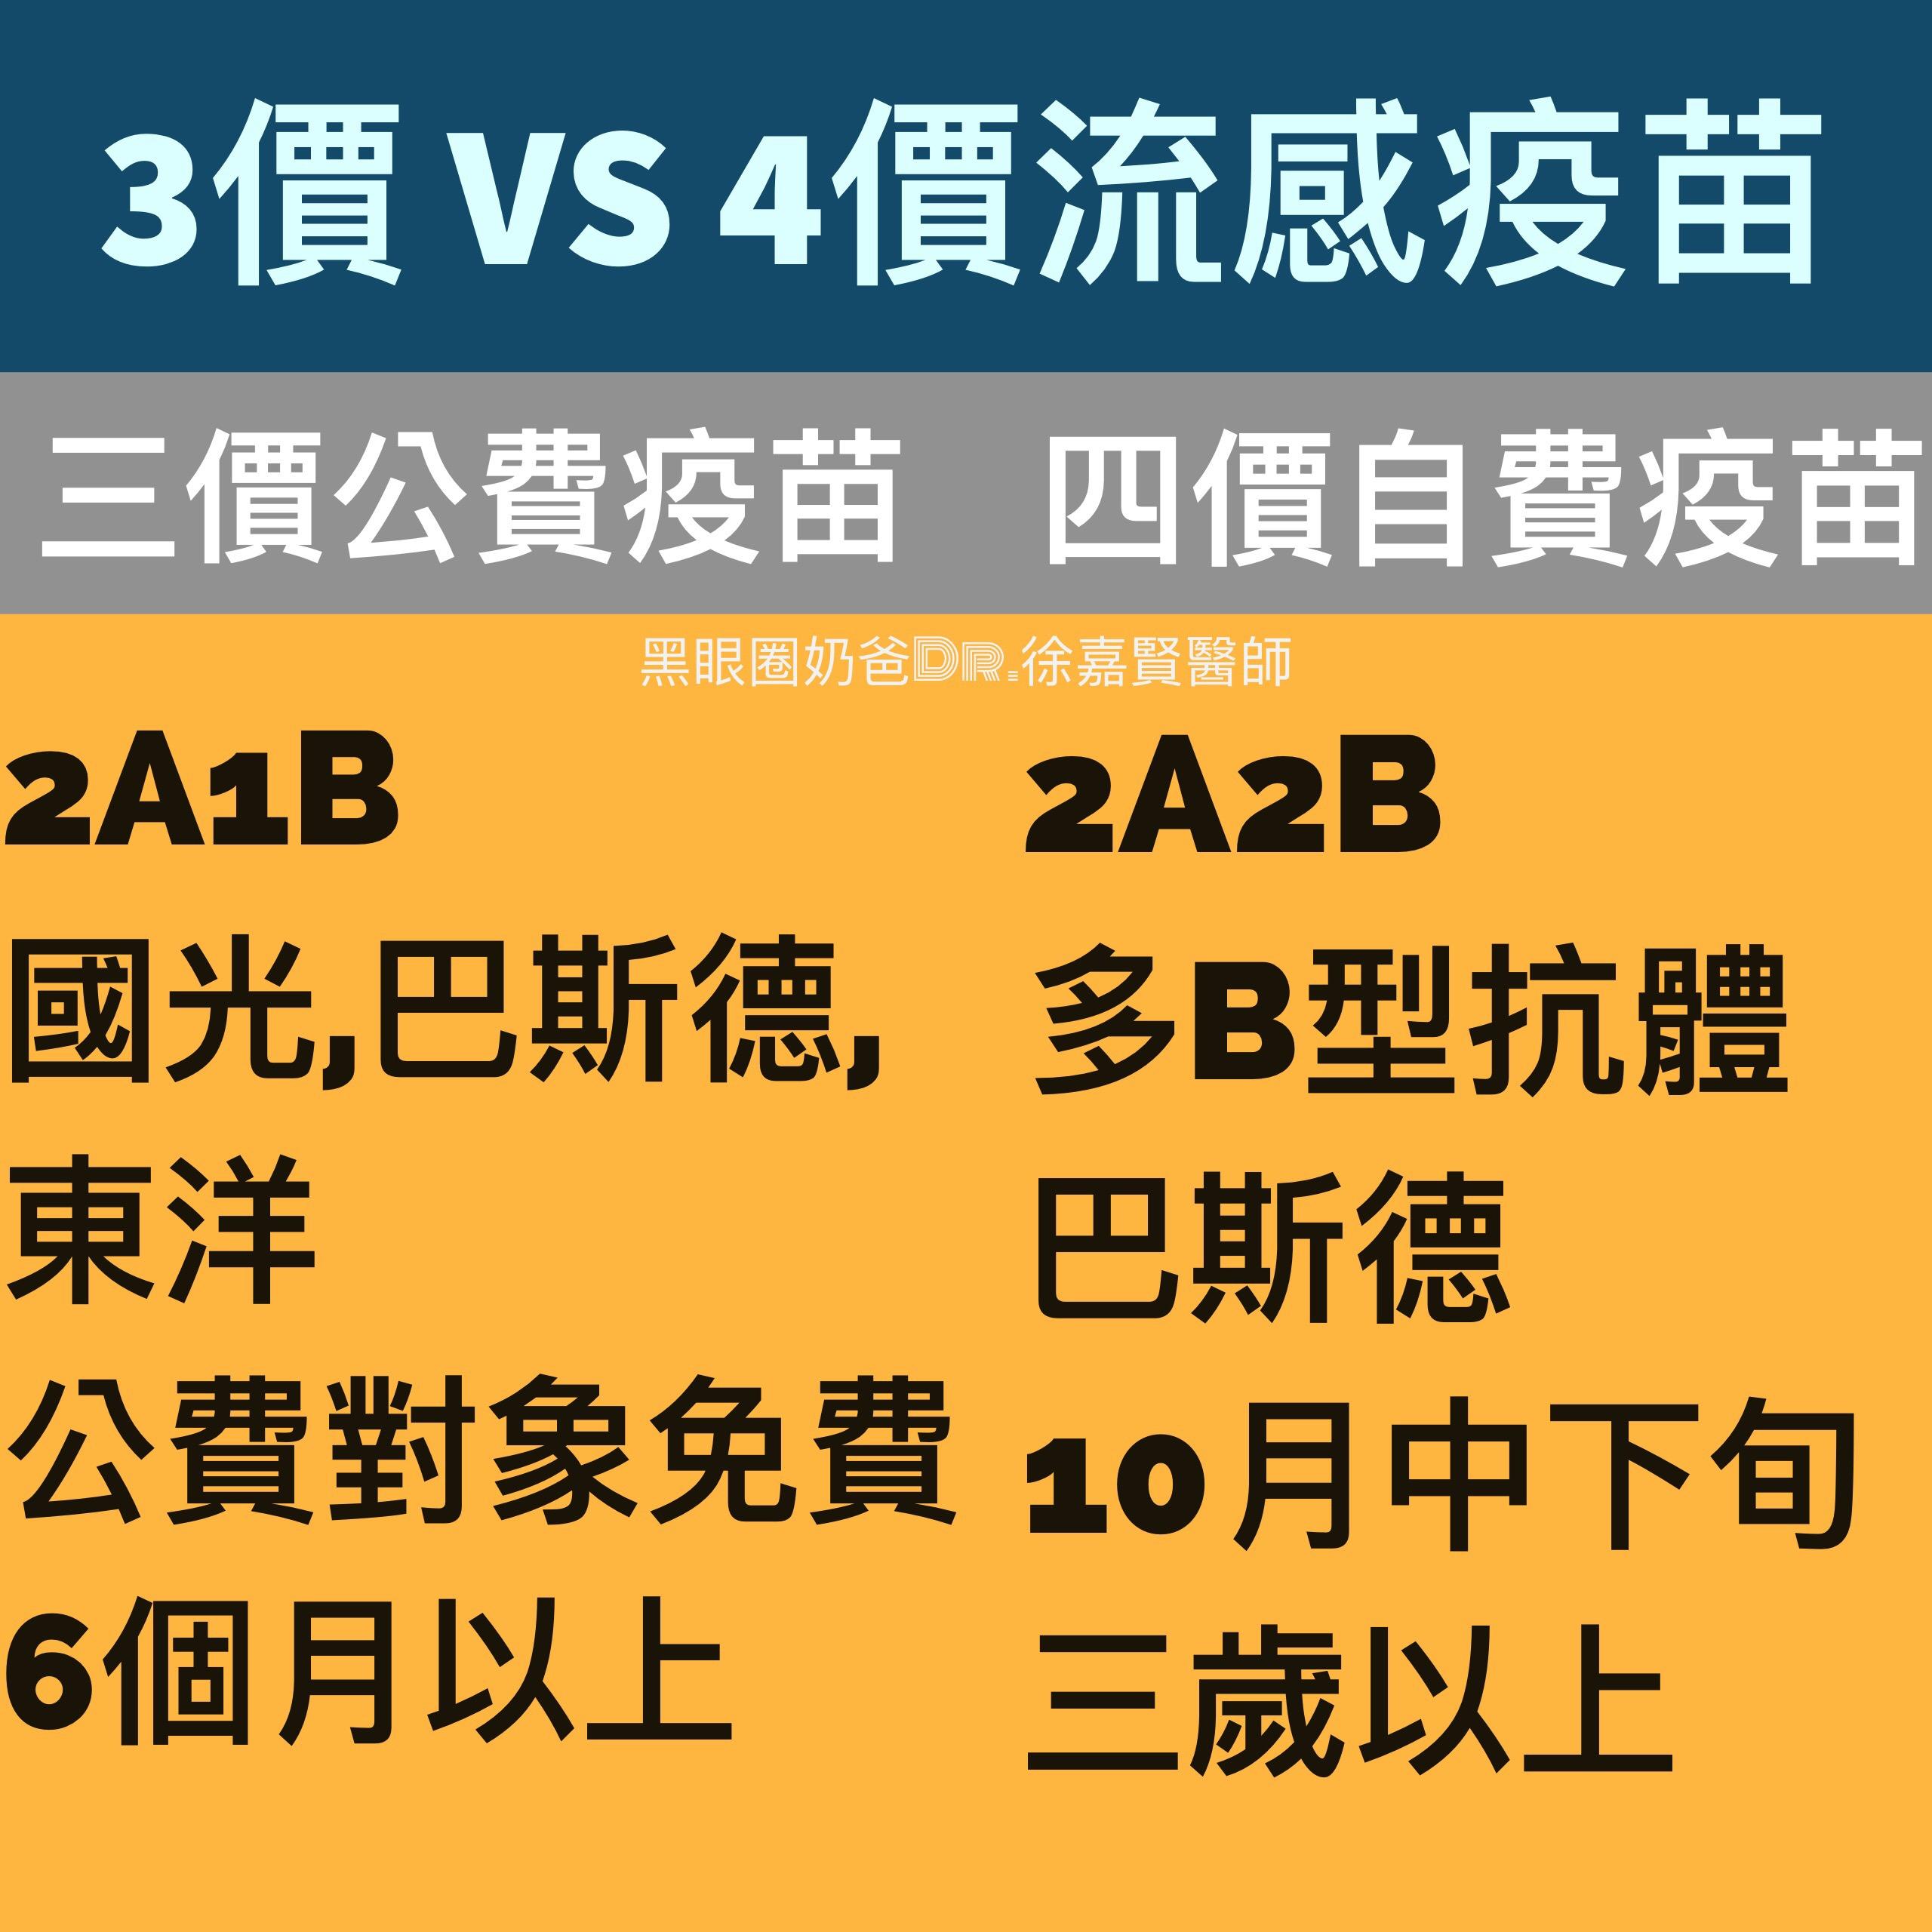 自費跟公費疫苗流感的差別 | 黑眼圈奶爸Dr. 徐嘉賢醫師